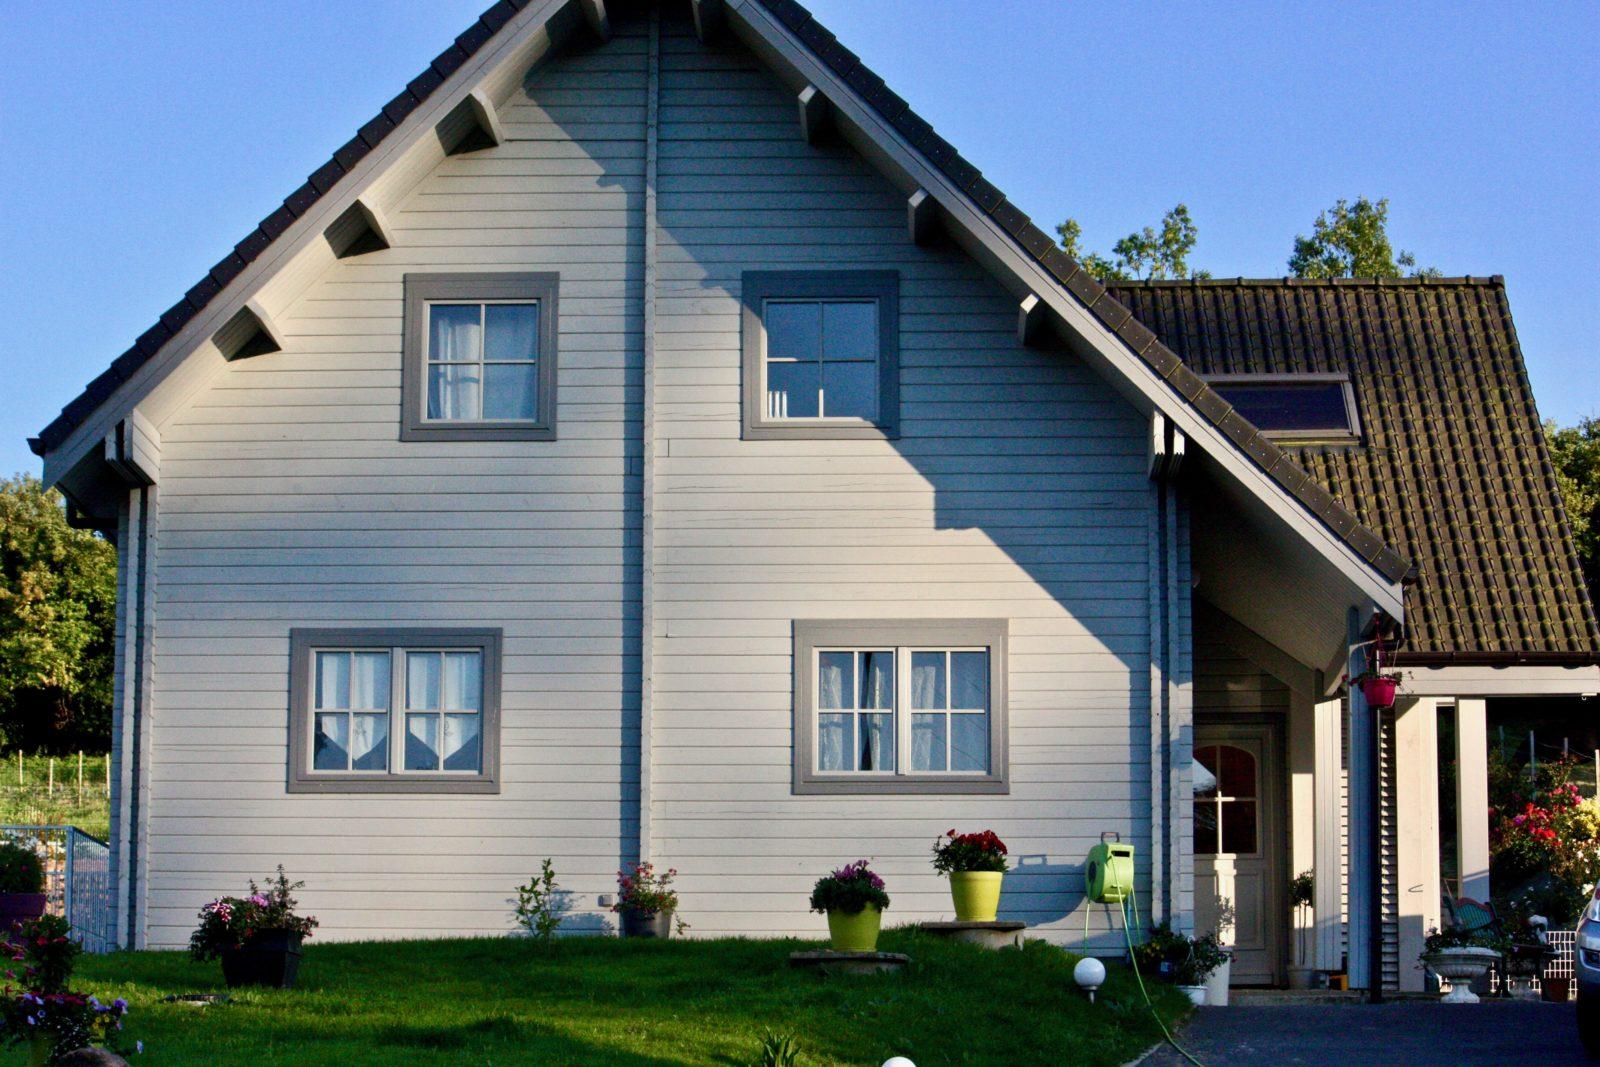 maison en madrier lumineuse avec poutres apparentes 1